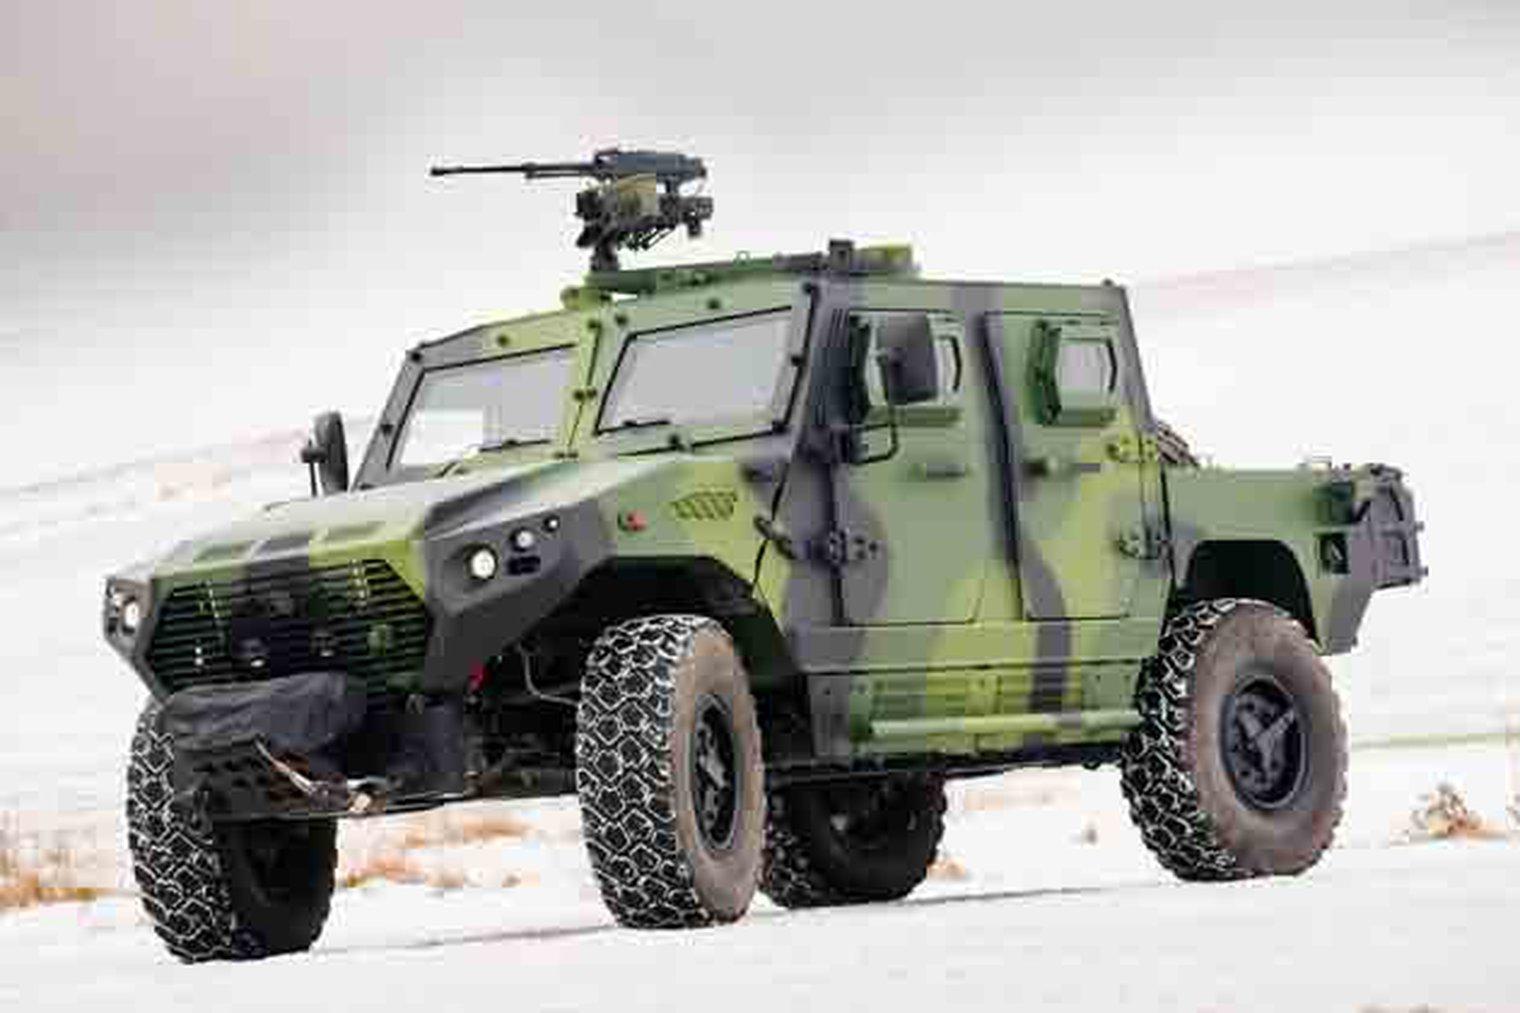 Emirados Árabes pode apresentar ao EB proposta para veículos blindados Ajban 440A para serem usados na Missão Multidimensional Integrada das Nações Unidas de Estabilização na República Centro-Africana (MINUSCA).